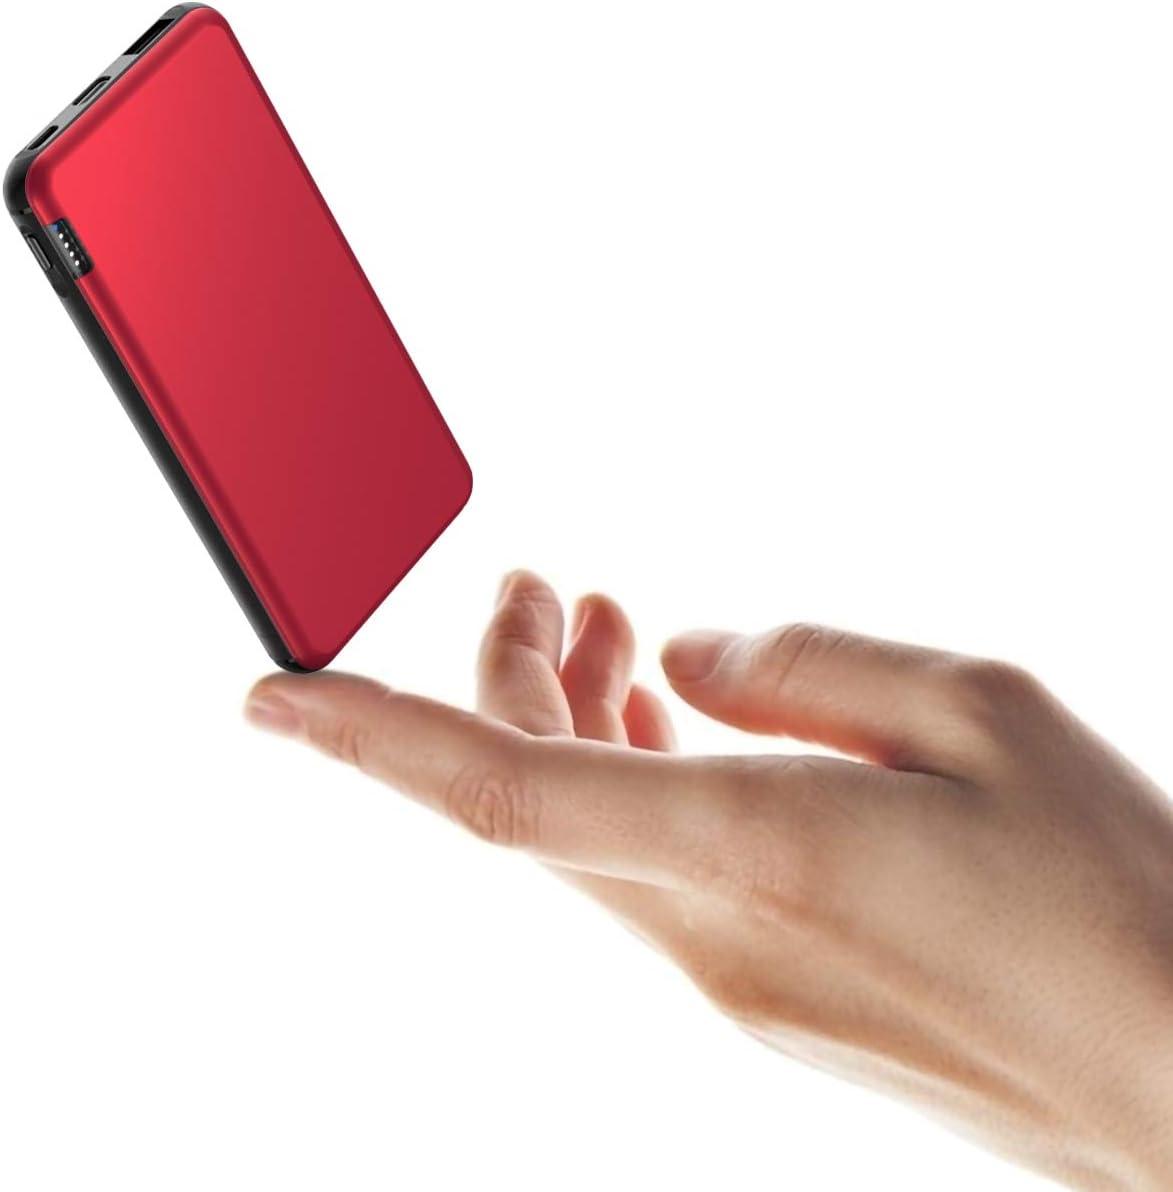 Butcher Powerbank 10000mah Externer Akku Mit 2 4a Ausgängen Usb C Und Micro Eingang Power Bank Mit Alugehäuse Für Handy Iphone Samsung Huawei Ipad Tablet Und Mehr Rot Elektronik